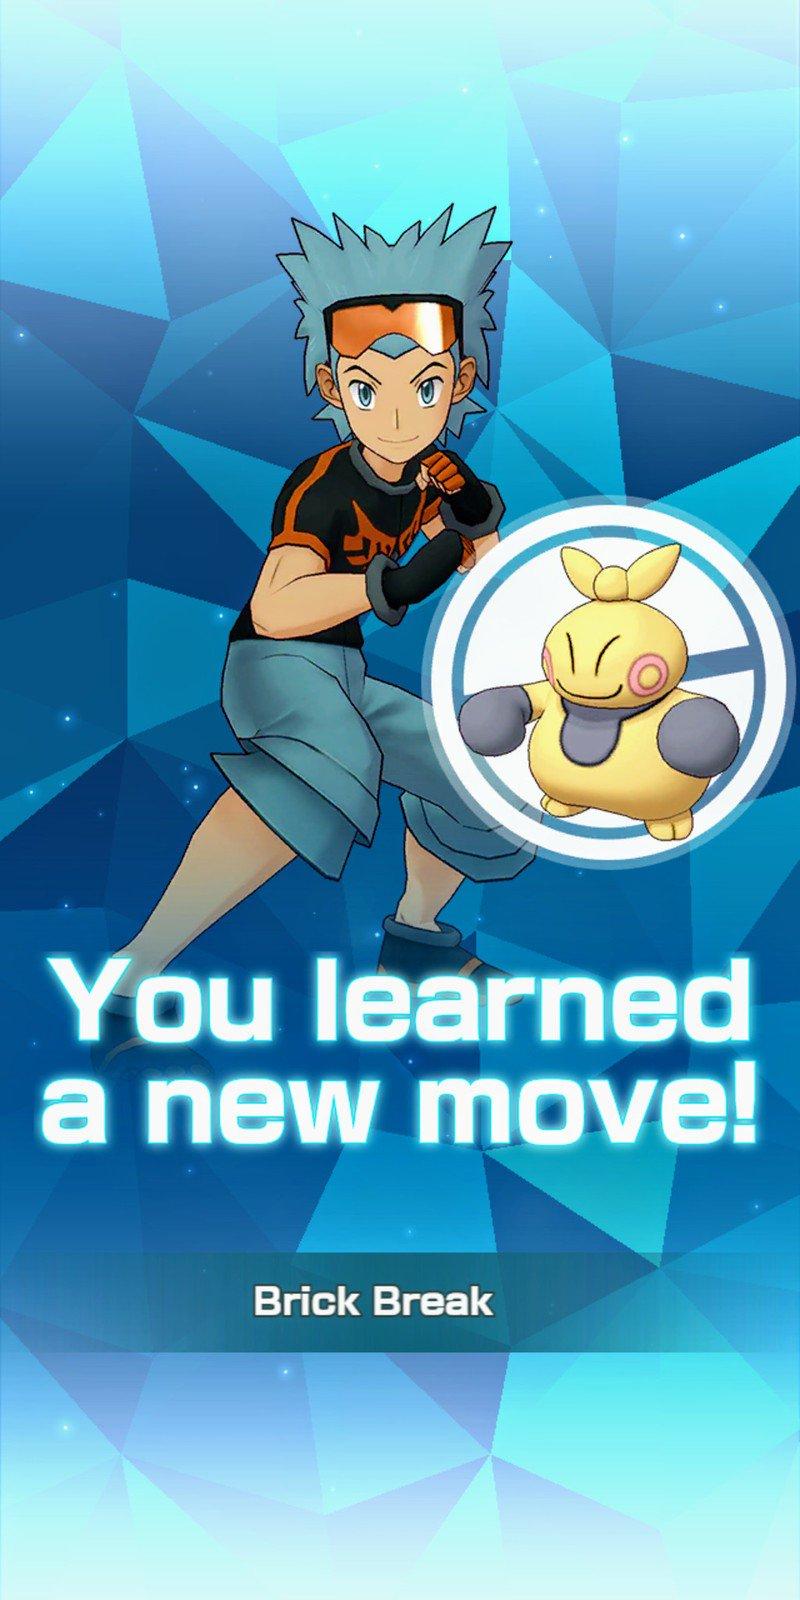 pokemon-masters-learn-moves-7.jpg?itok=V